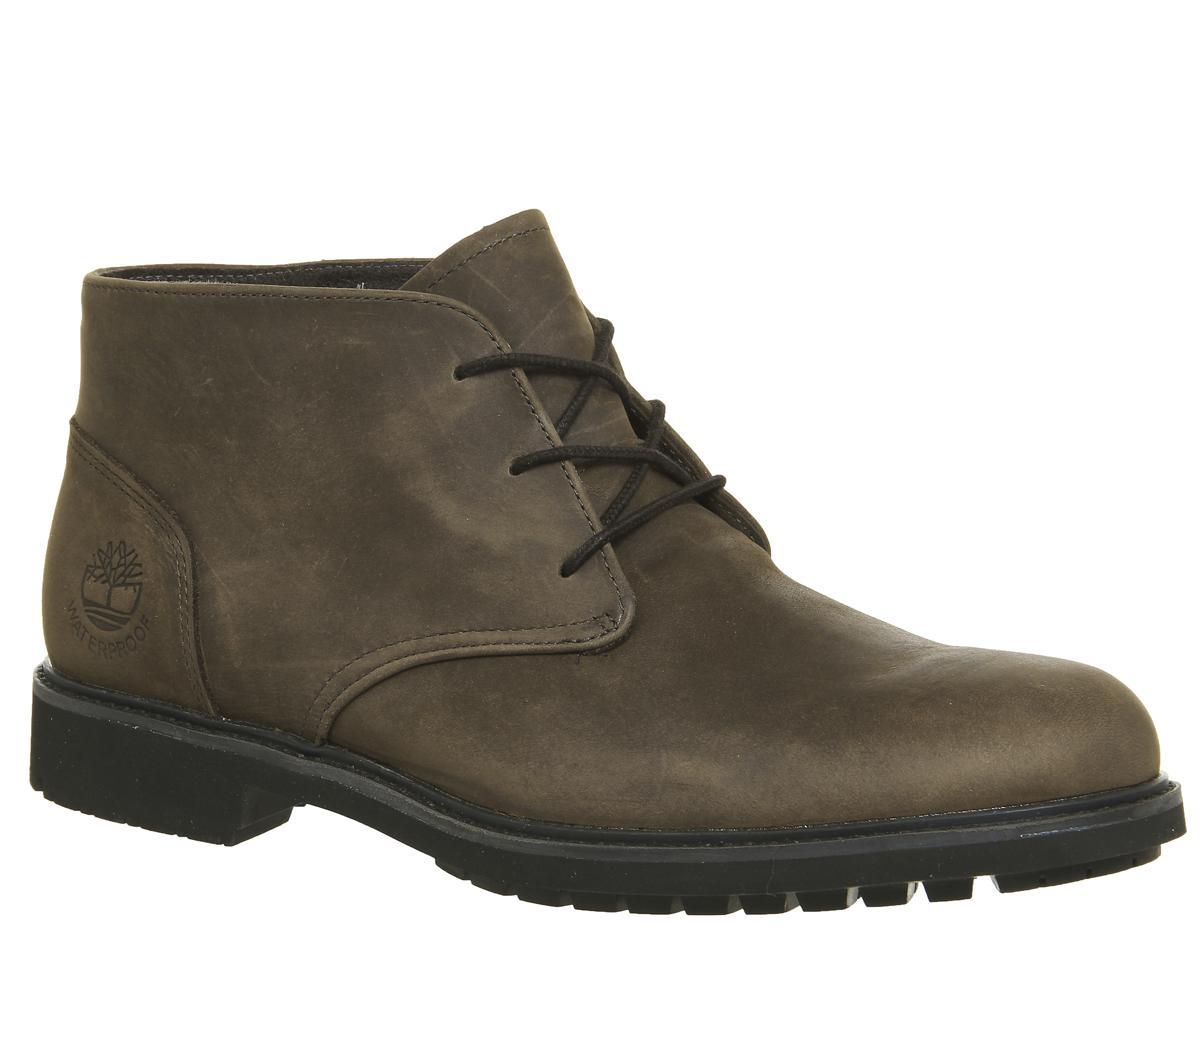 Stormbuck Chukka Boots